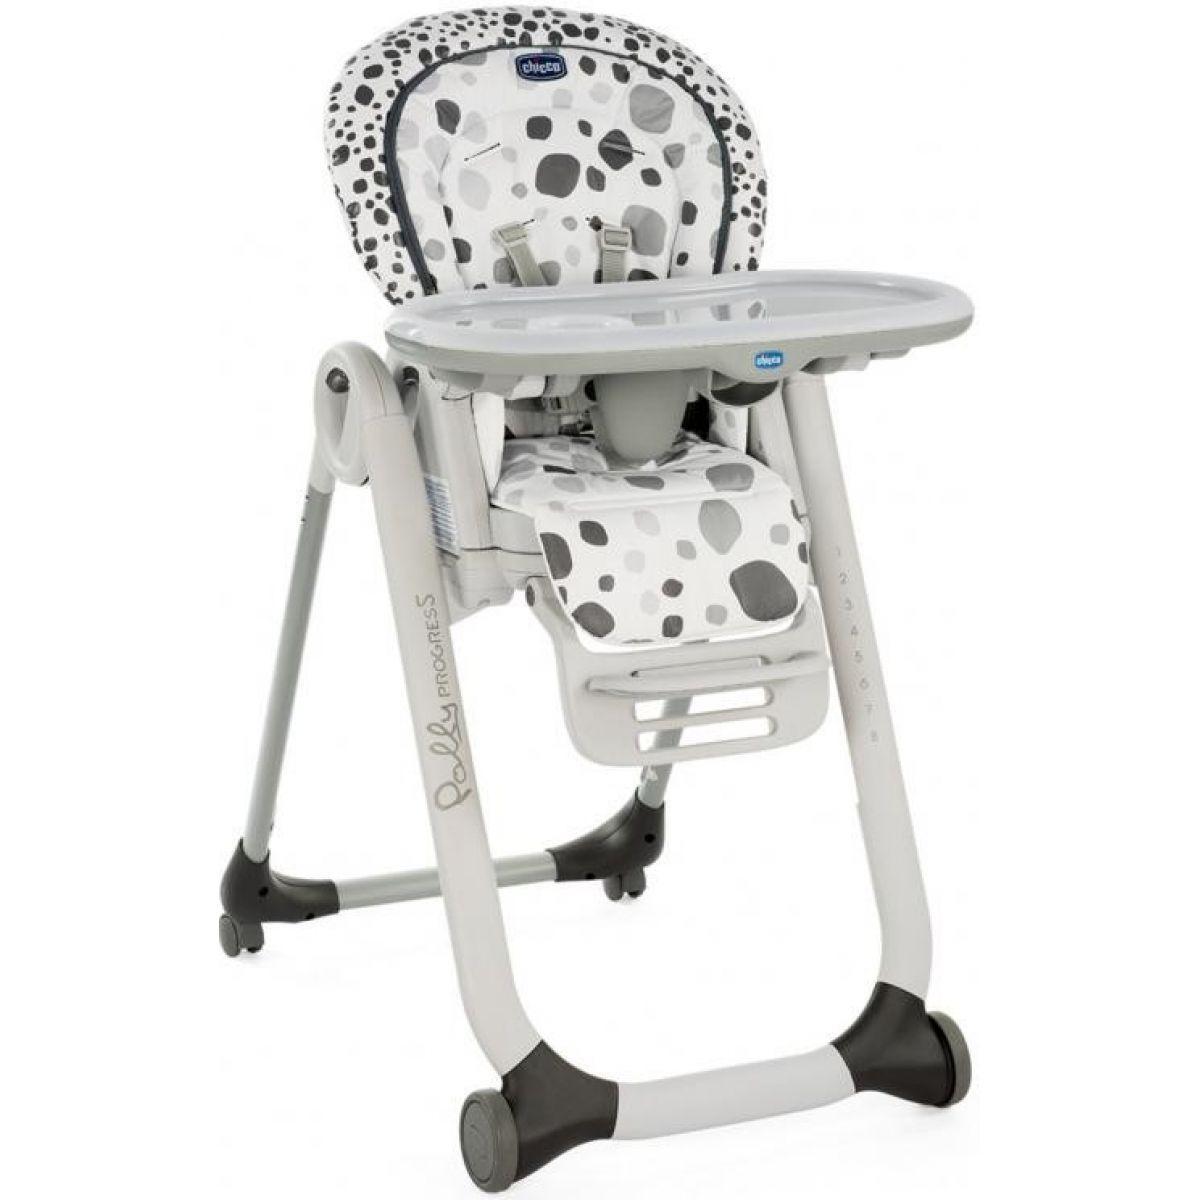 Chicco Židlička jídelní Polly Progres5 Anthracite